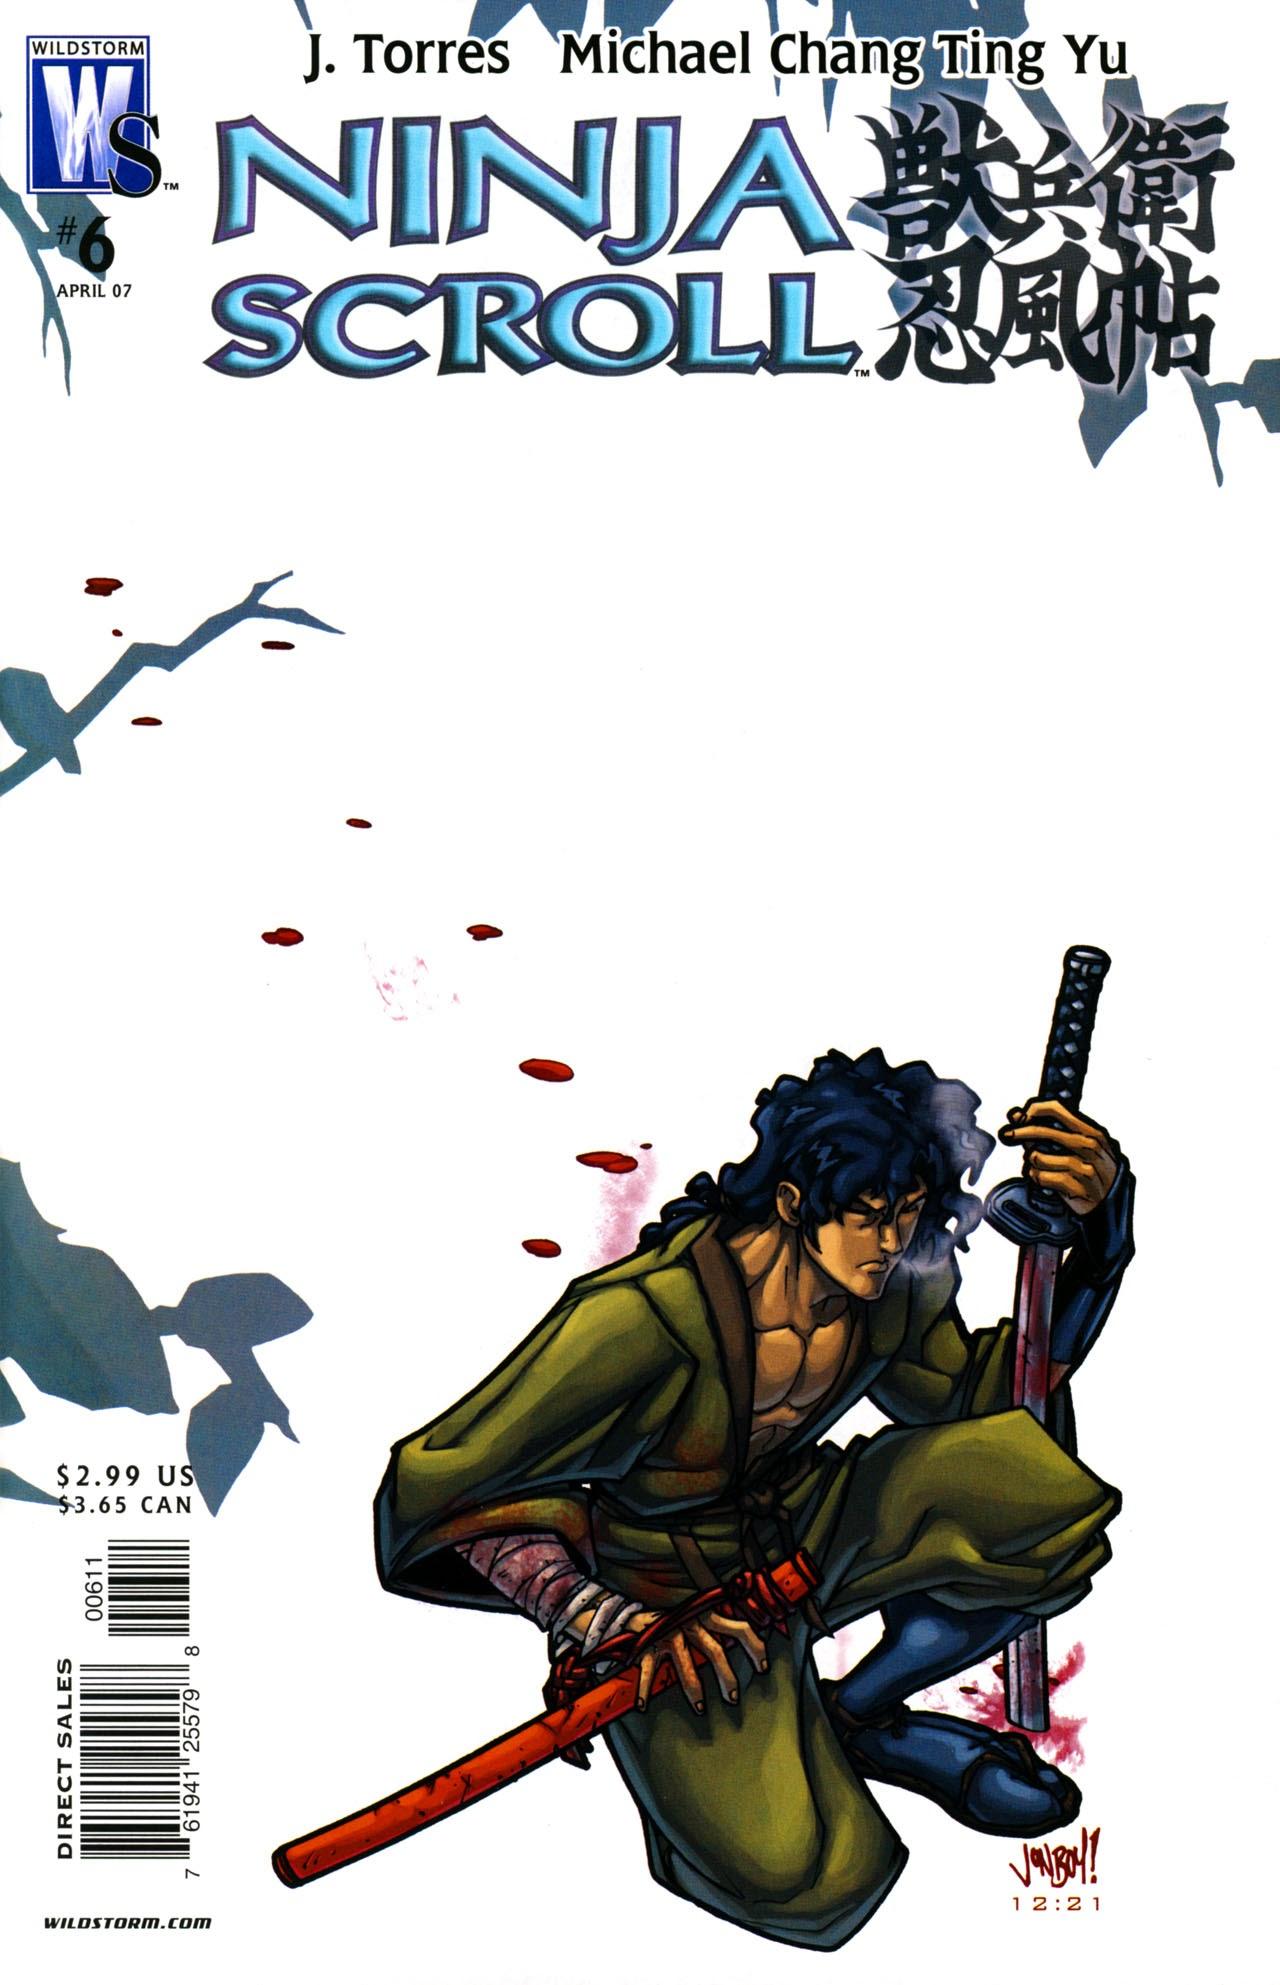 Ninja Scroll 006 Read All Comics Online For Free